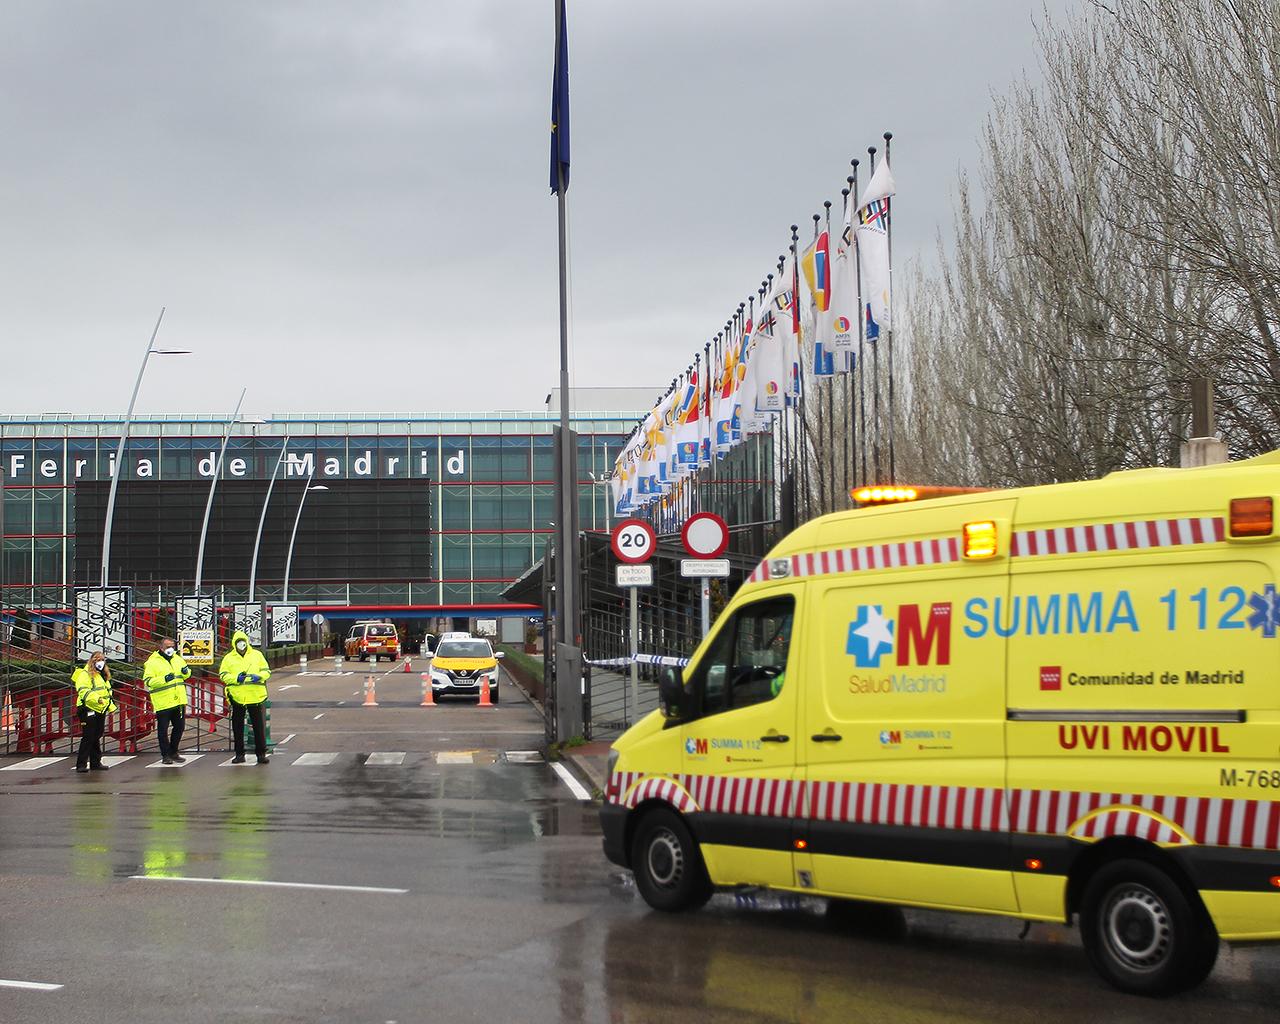 Una ambulancia accede al hospital instalado en Ifema. Madrid. 23/03/2020.